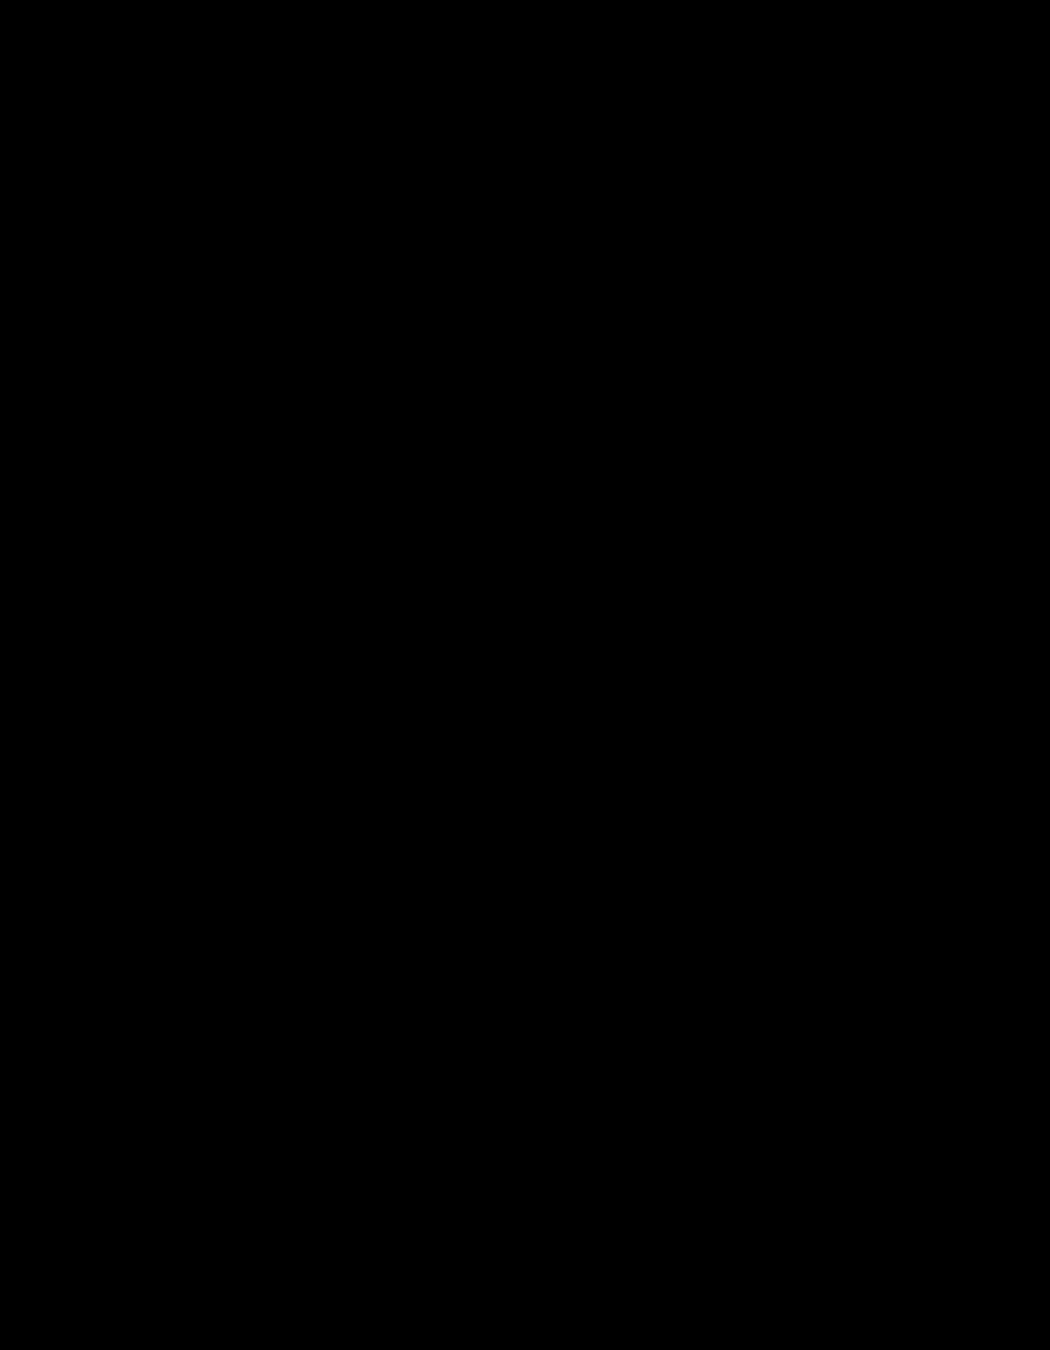 Chassagne-Montrachet - Moreau